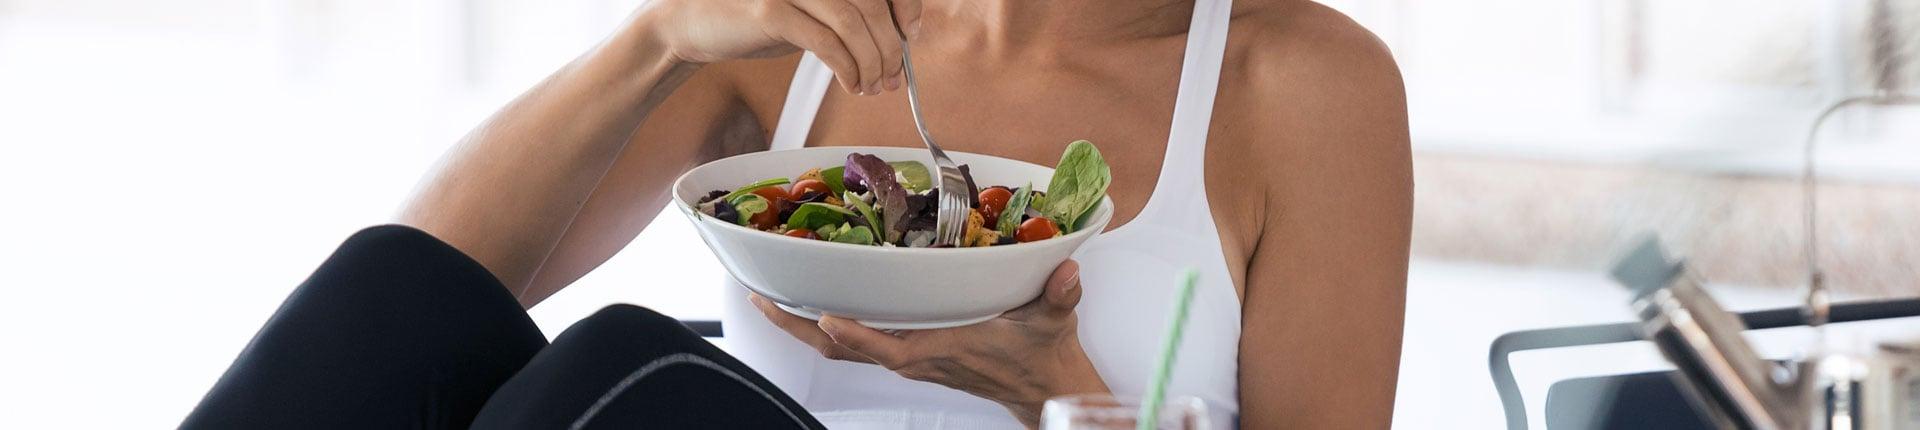 Czy regularne jedzenie posiłków pomaga utrzymać wagę?